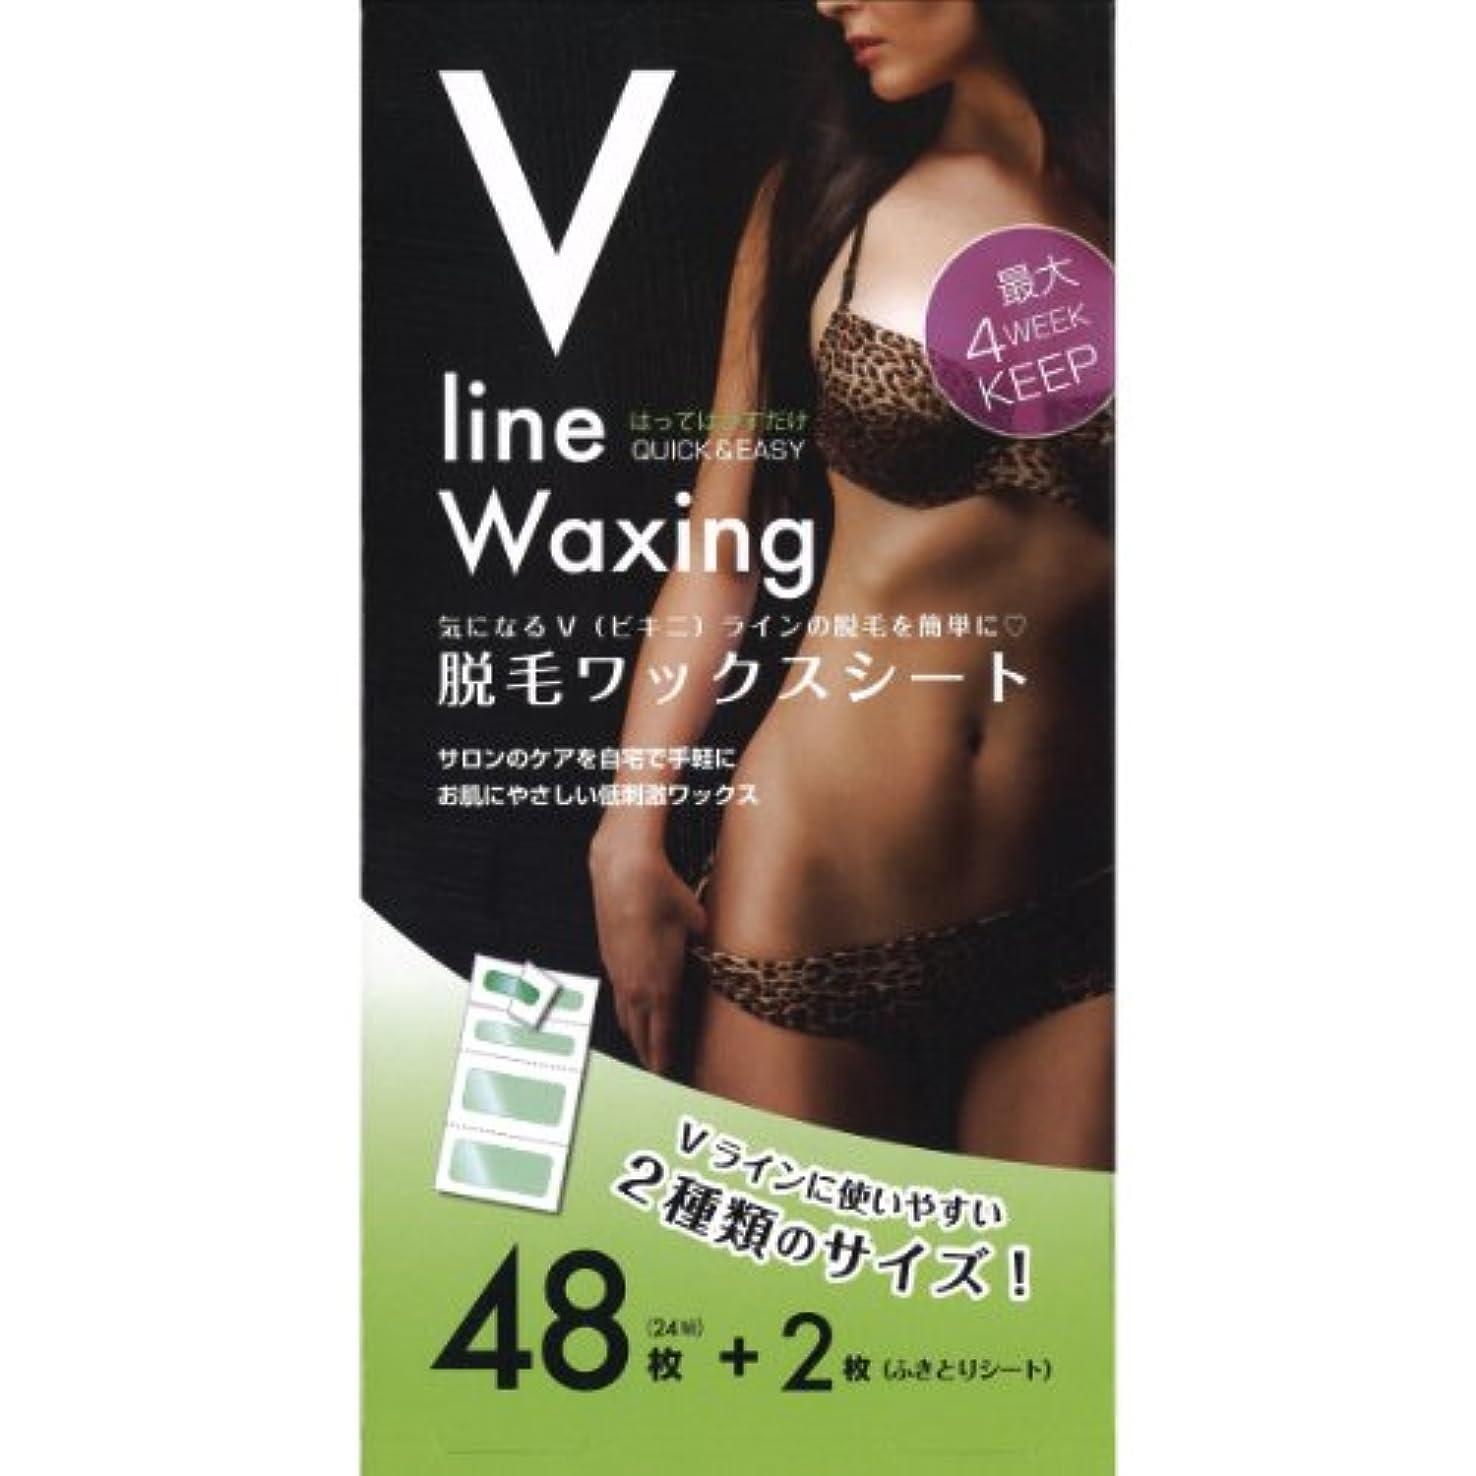 アベニュー緊張パイント気になるVラインの脱毛を簡単に Vライン Waxing